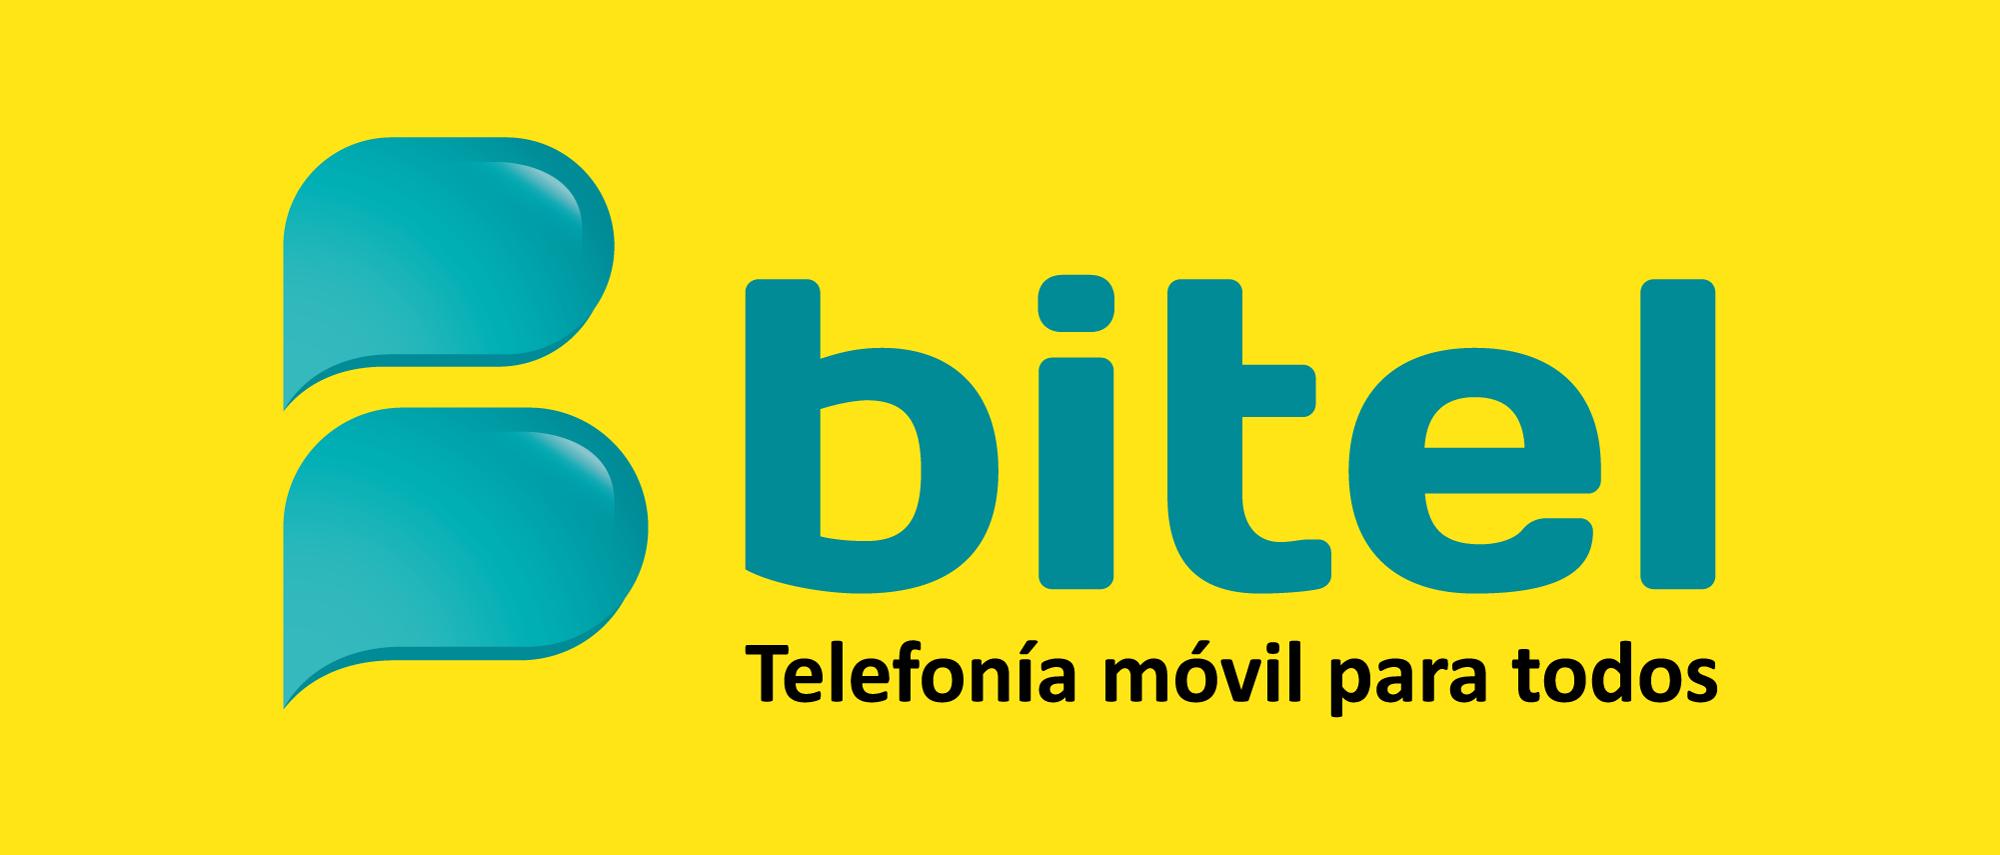 Come avere Internet gratuito in Bitel 2